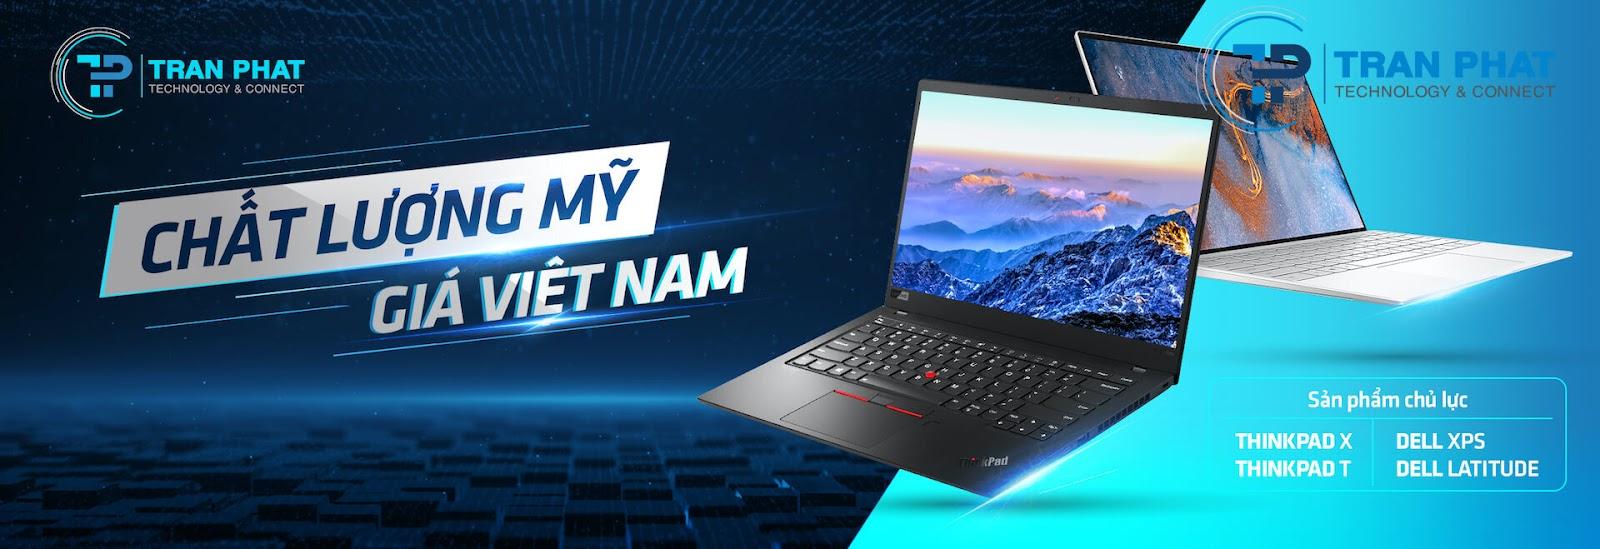 Laptop Trần Phát - địa điểm mua laptop uy tín tại TPHCM